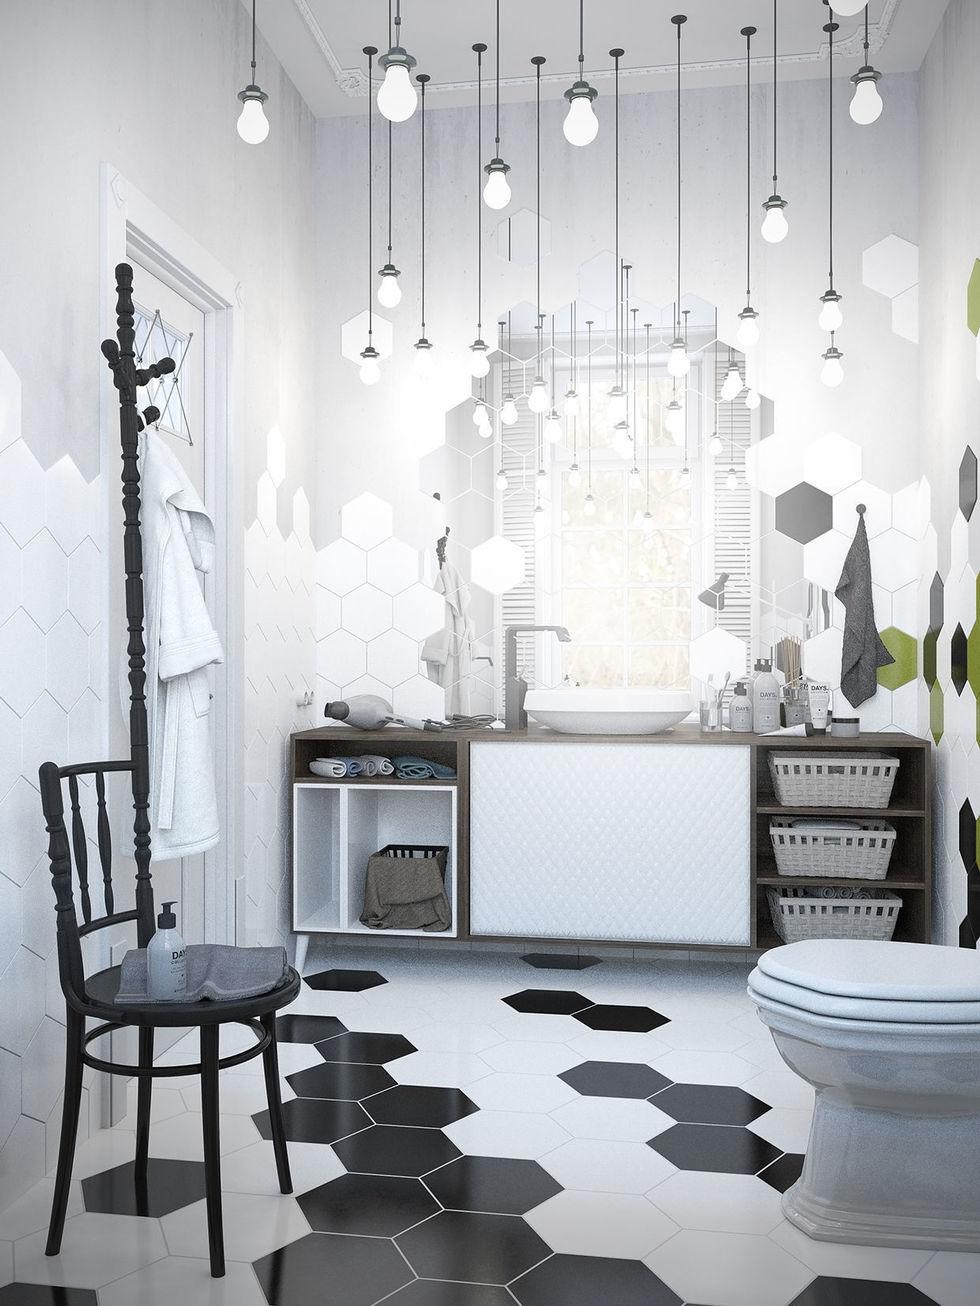 baños originales - bombillas colgantes